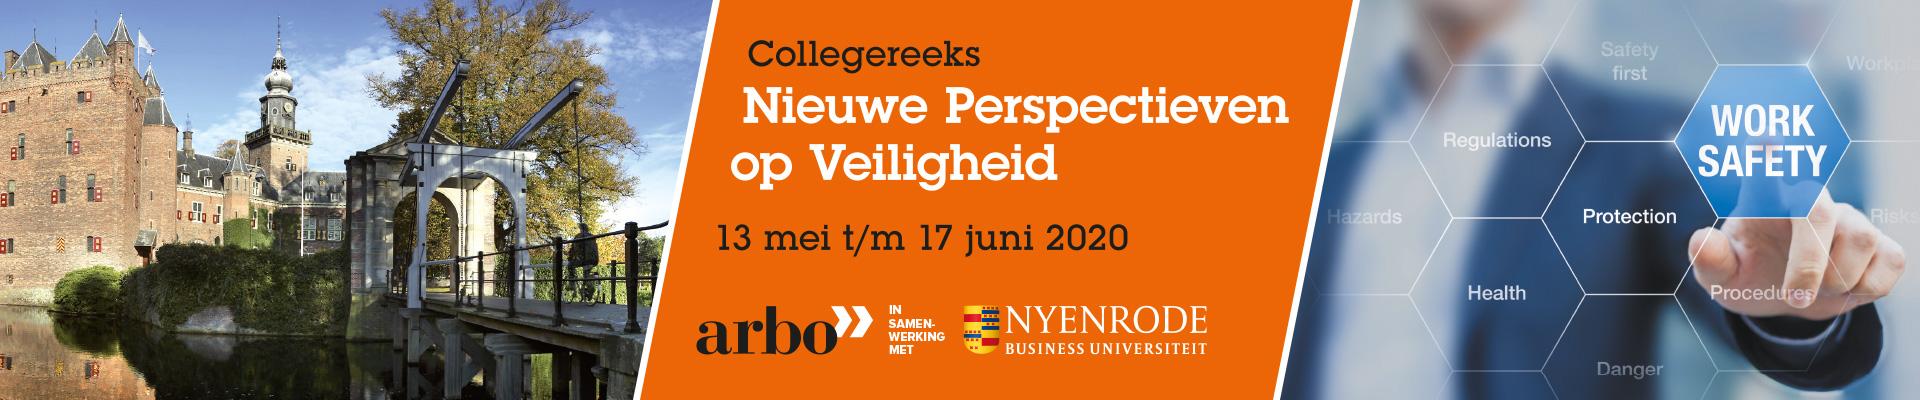 CR Nyenrode Nieuwe perspectieven op Veiligheid VJ 2020